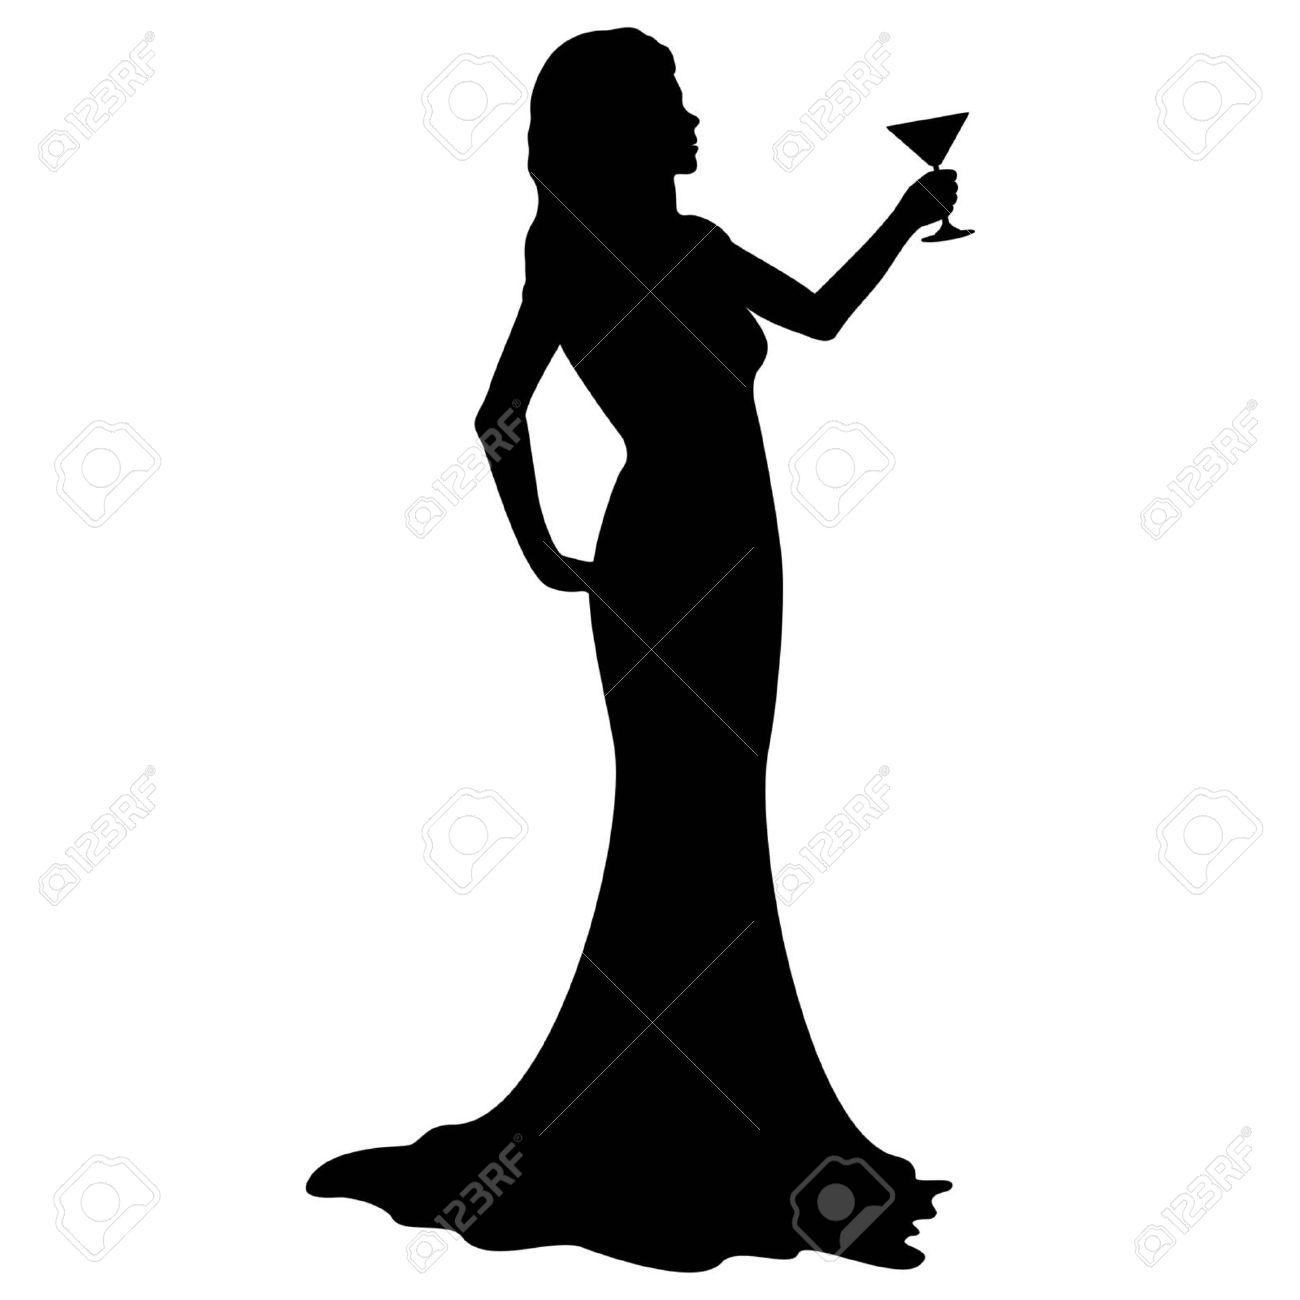 Silueta de mujer con vestido de noche